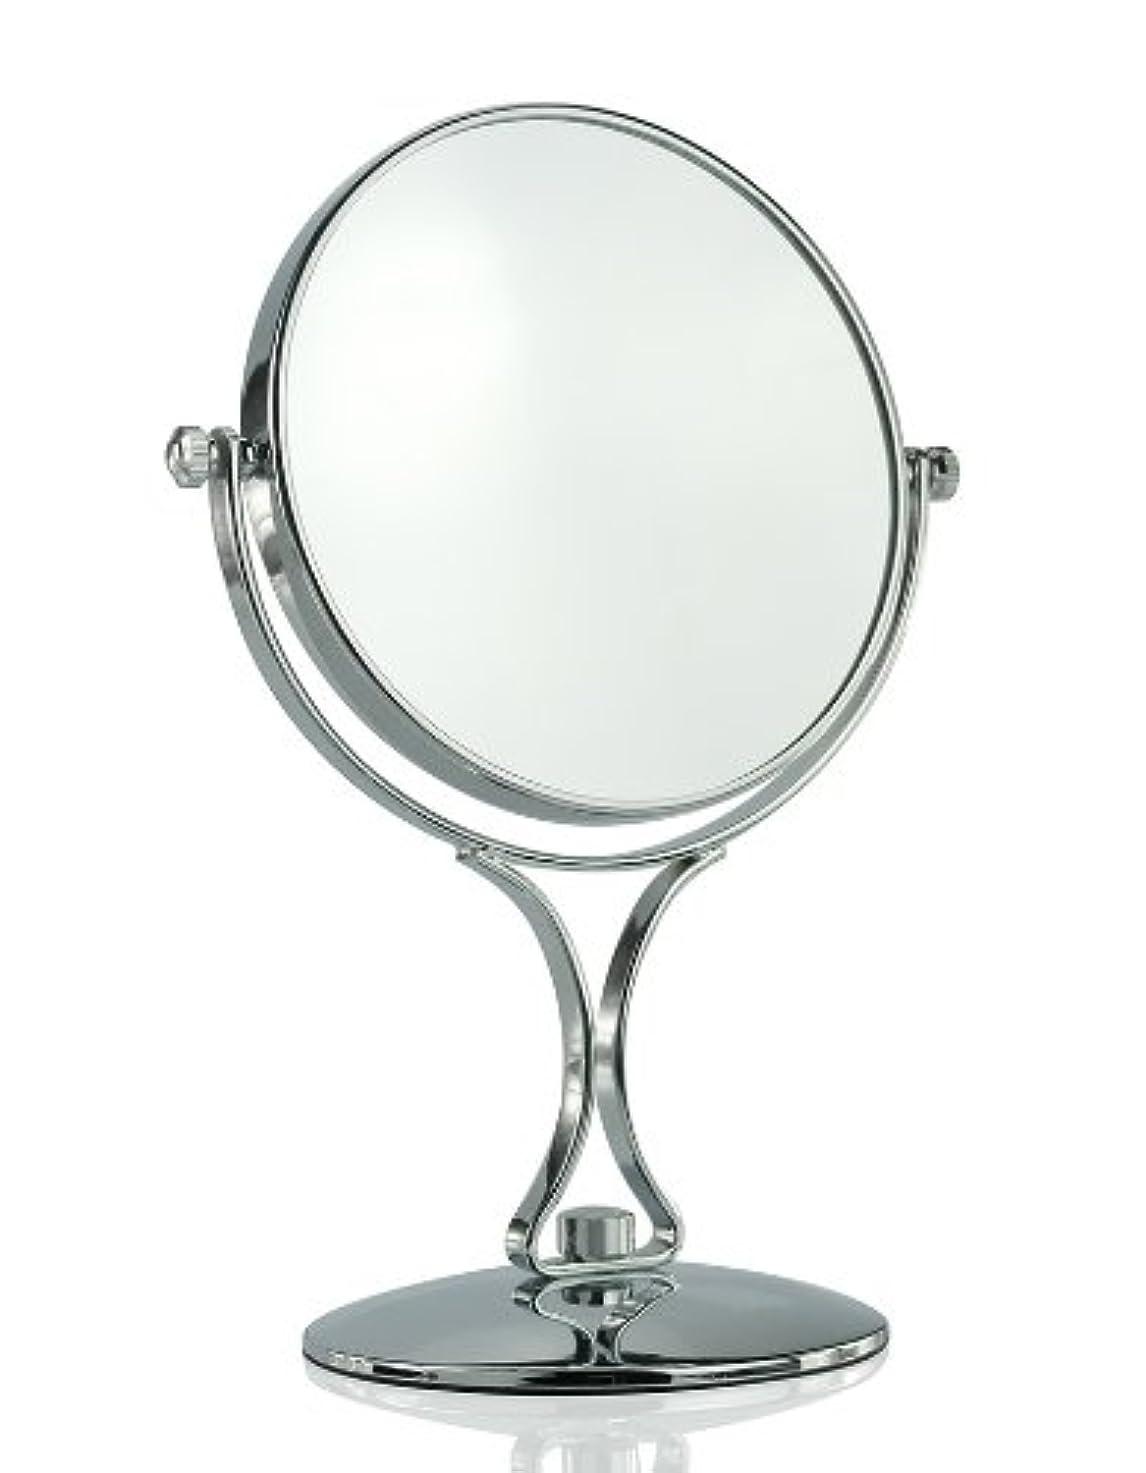 空気火山学者ボート【ノーブランド品】拡大鏡5倍と等倍の両面化粧鏡 スタンドミラー